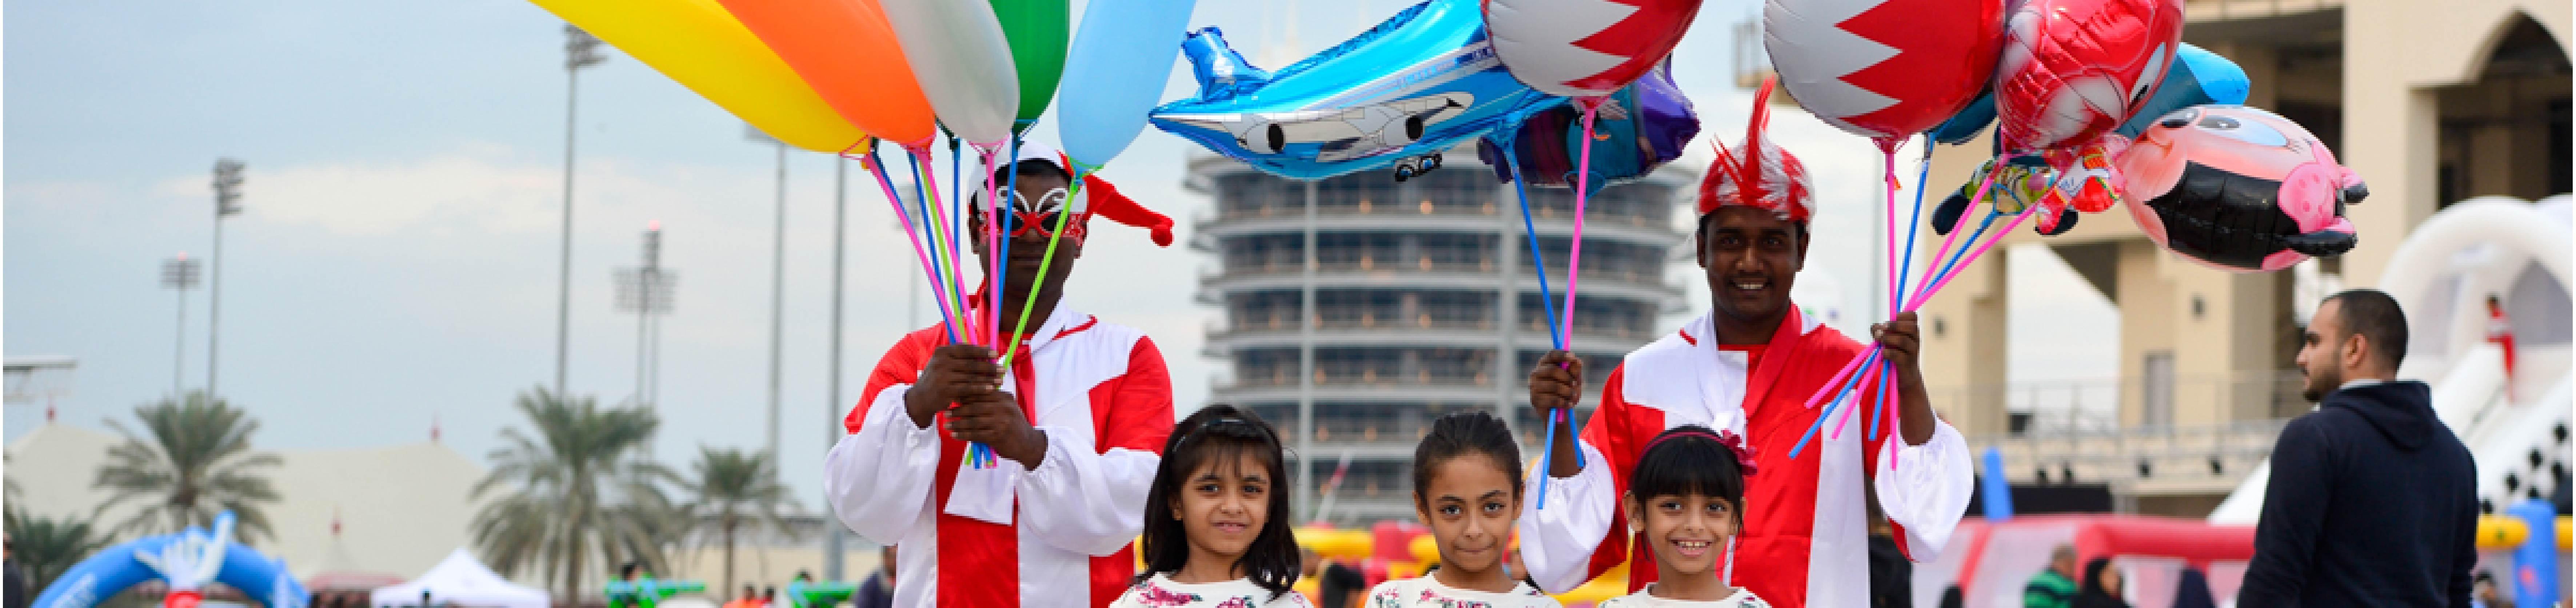 العيد في البحرين: متعة قضاء الوقت مع العائلة والتمتع بالاحتفالات